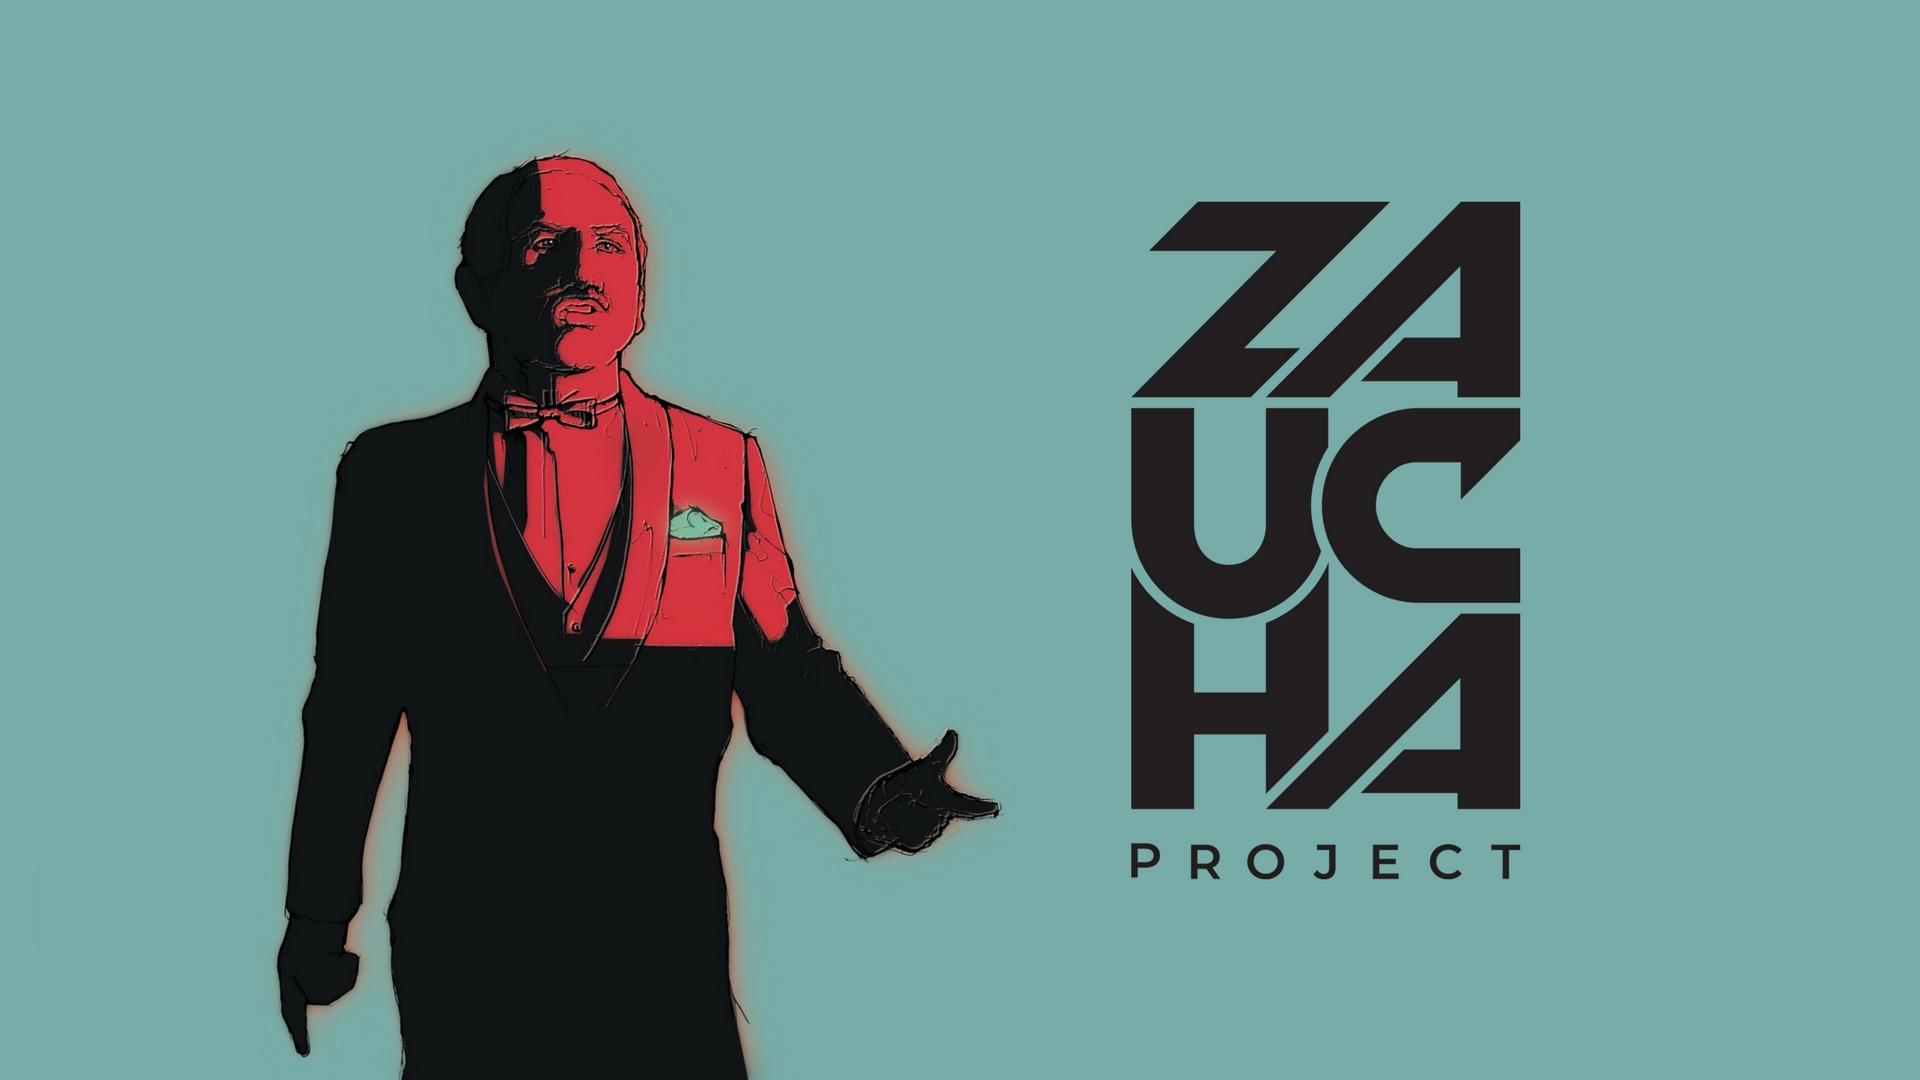 Zaucha Project (źródło: materiały prasowe organizatora)